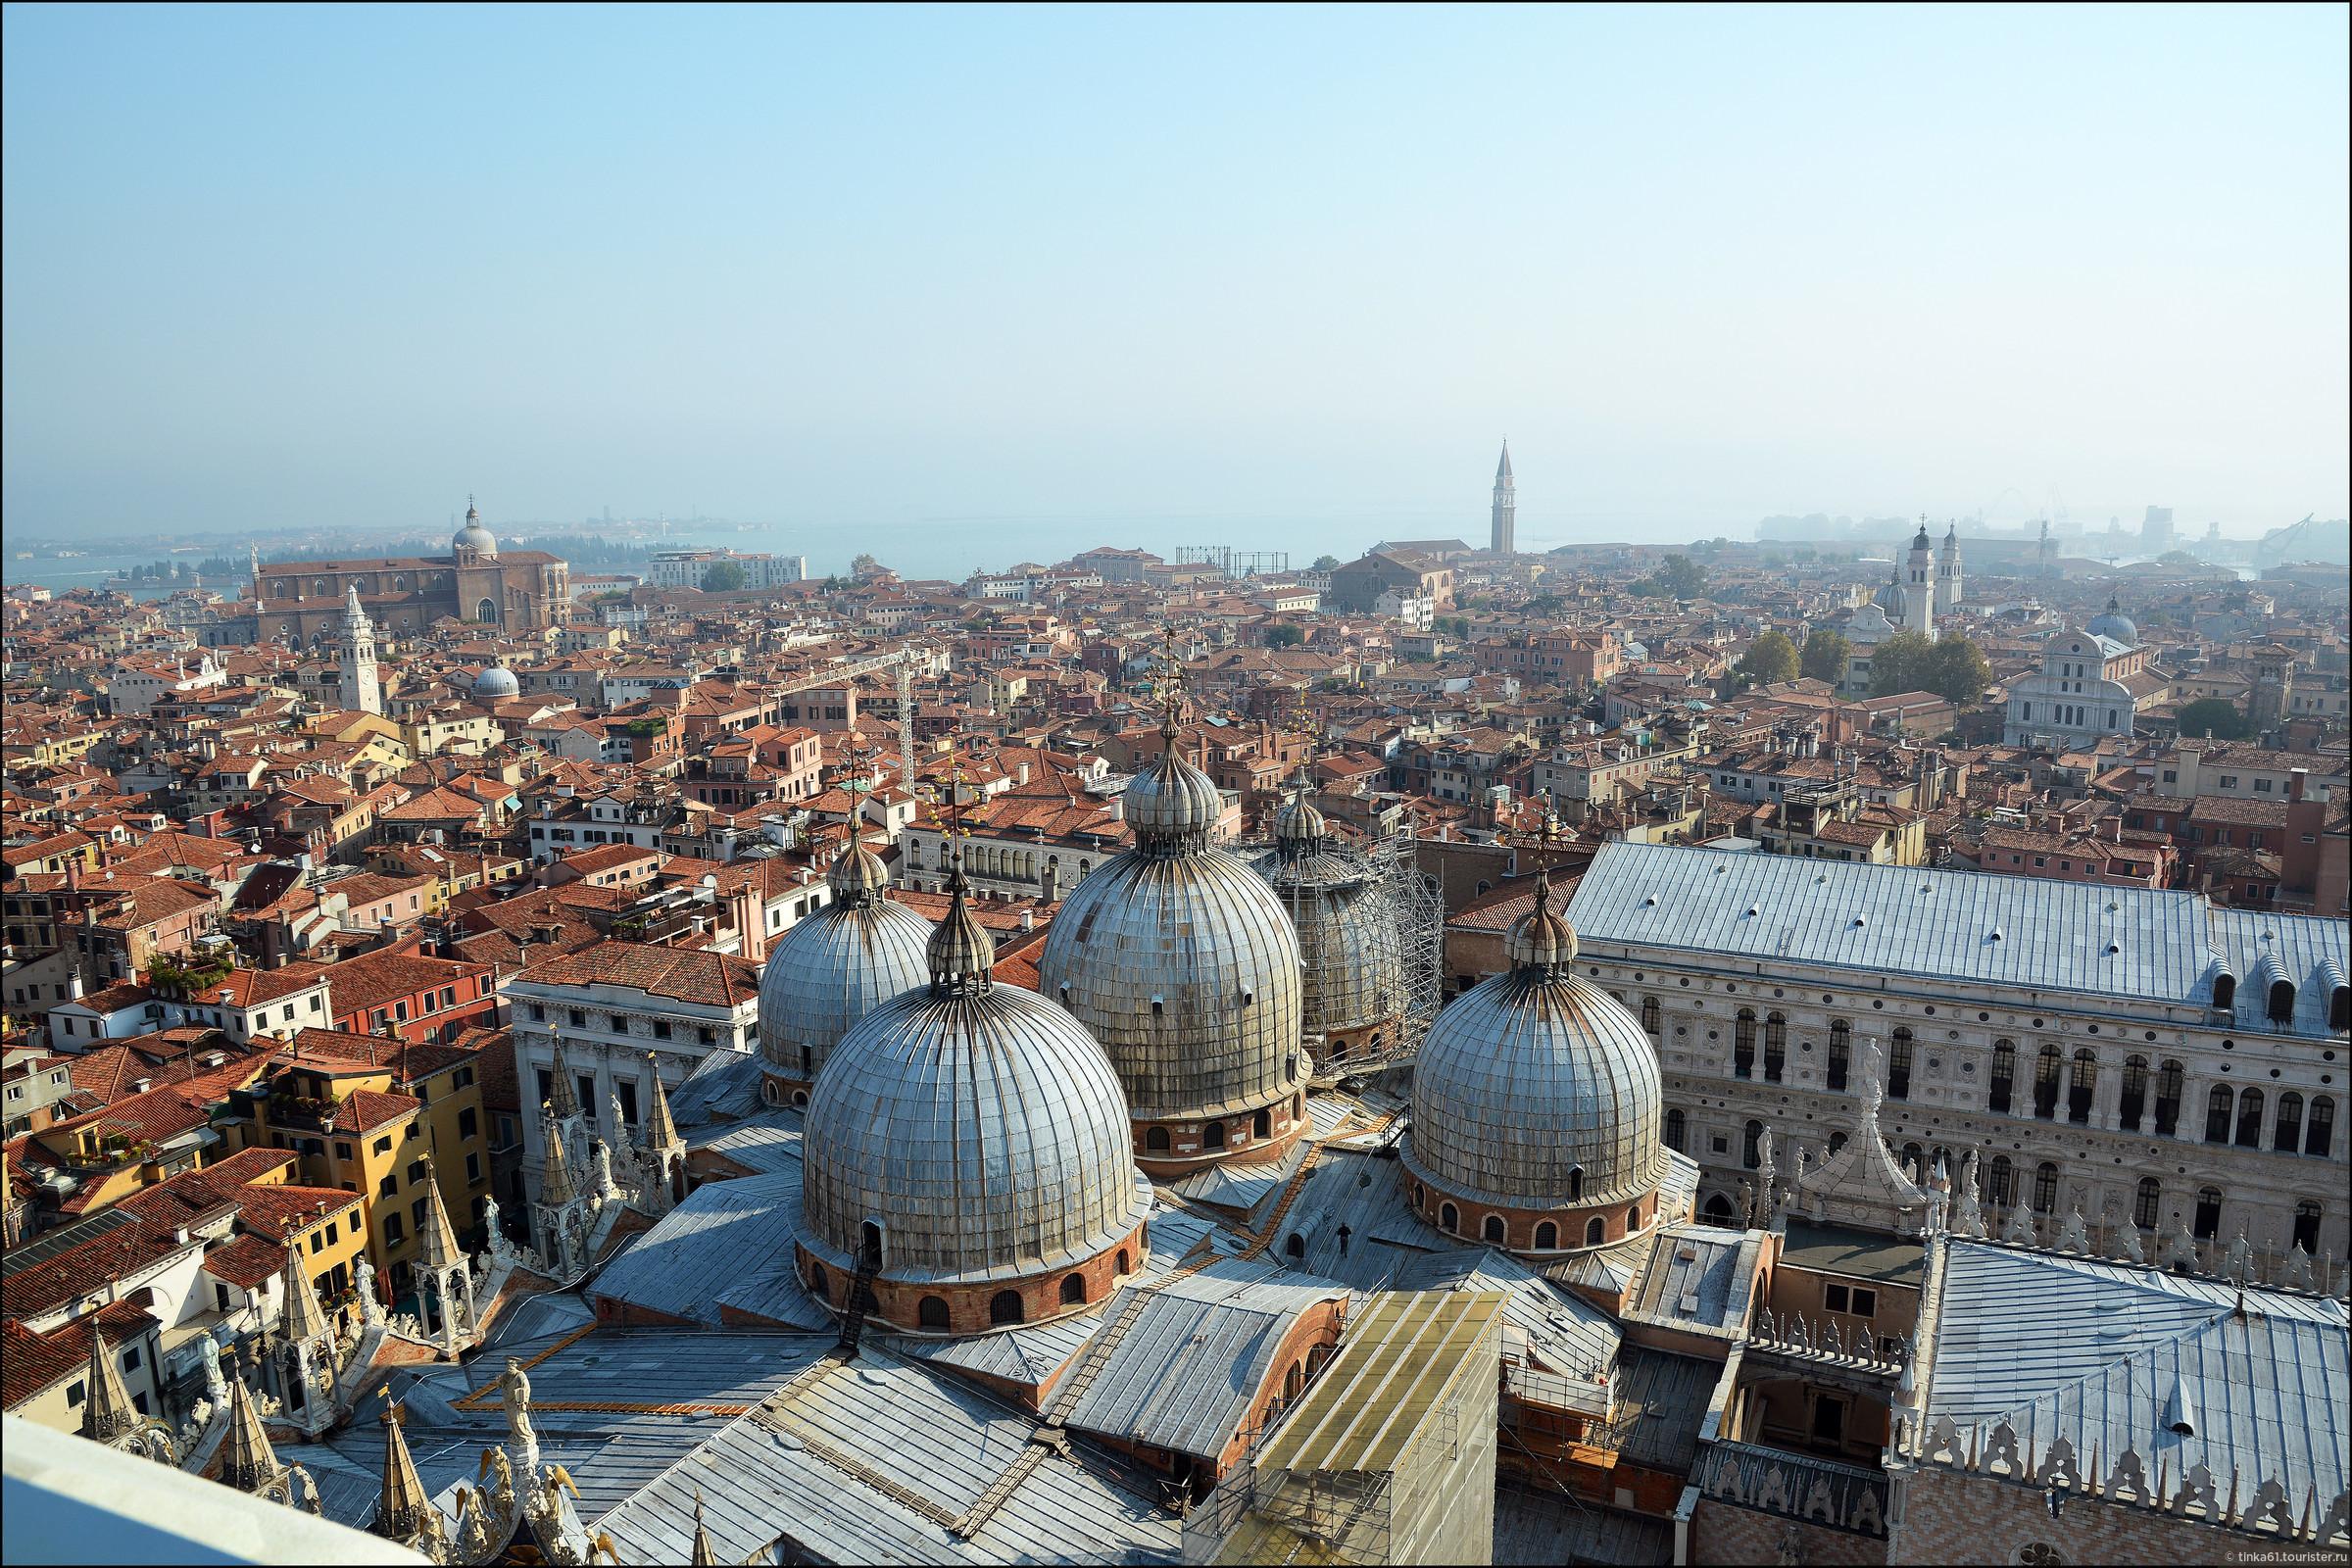 Вот такие панорамы Венеции можно увидеть, если подняться на Кампанилу Святого Марка.  , Венеция. Земля